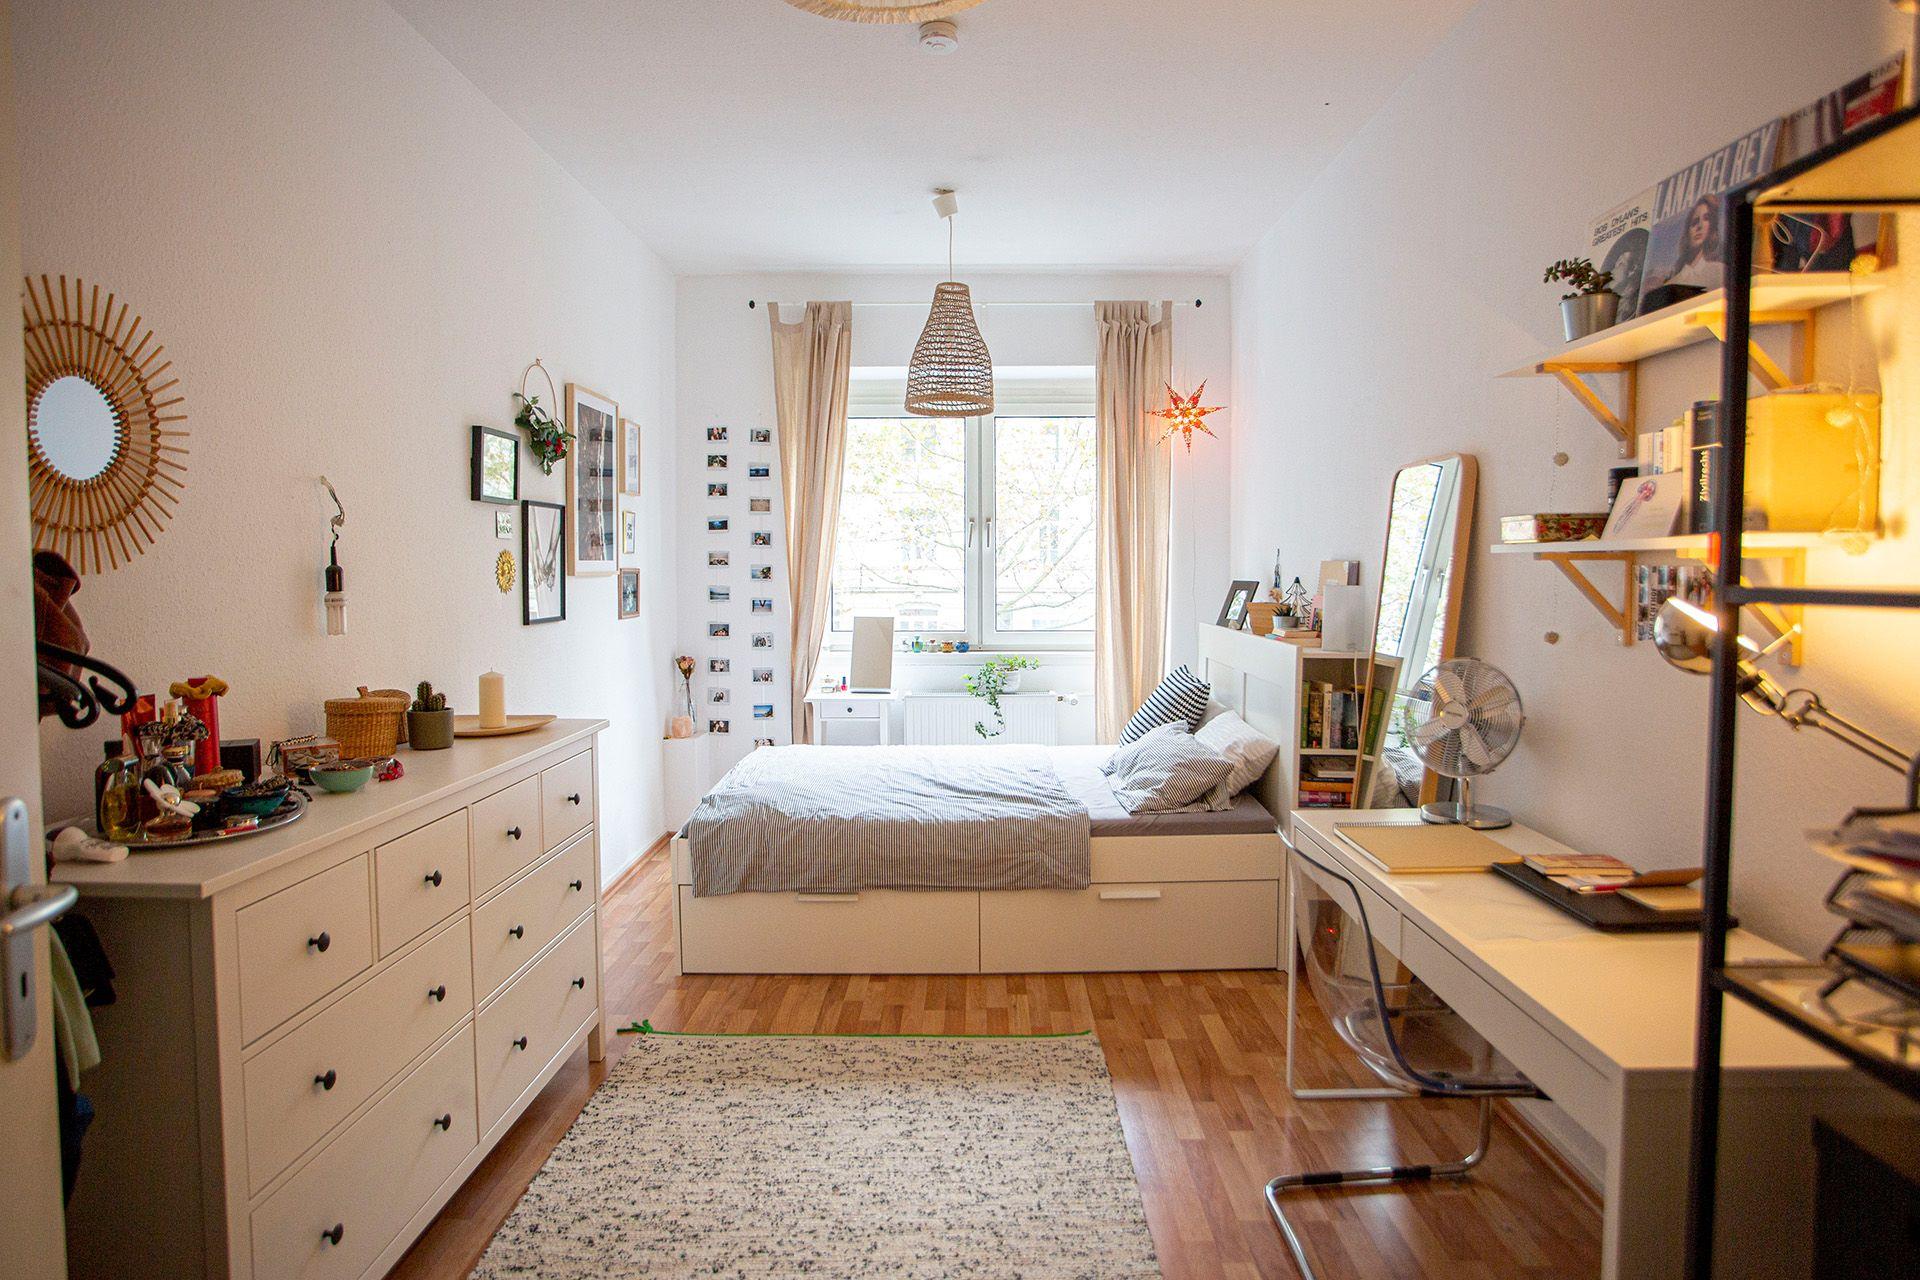 Das Zimmer ist mit einem schönen Dielenboden und hohen